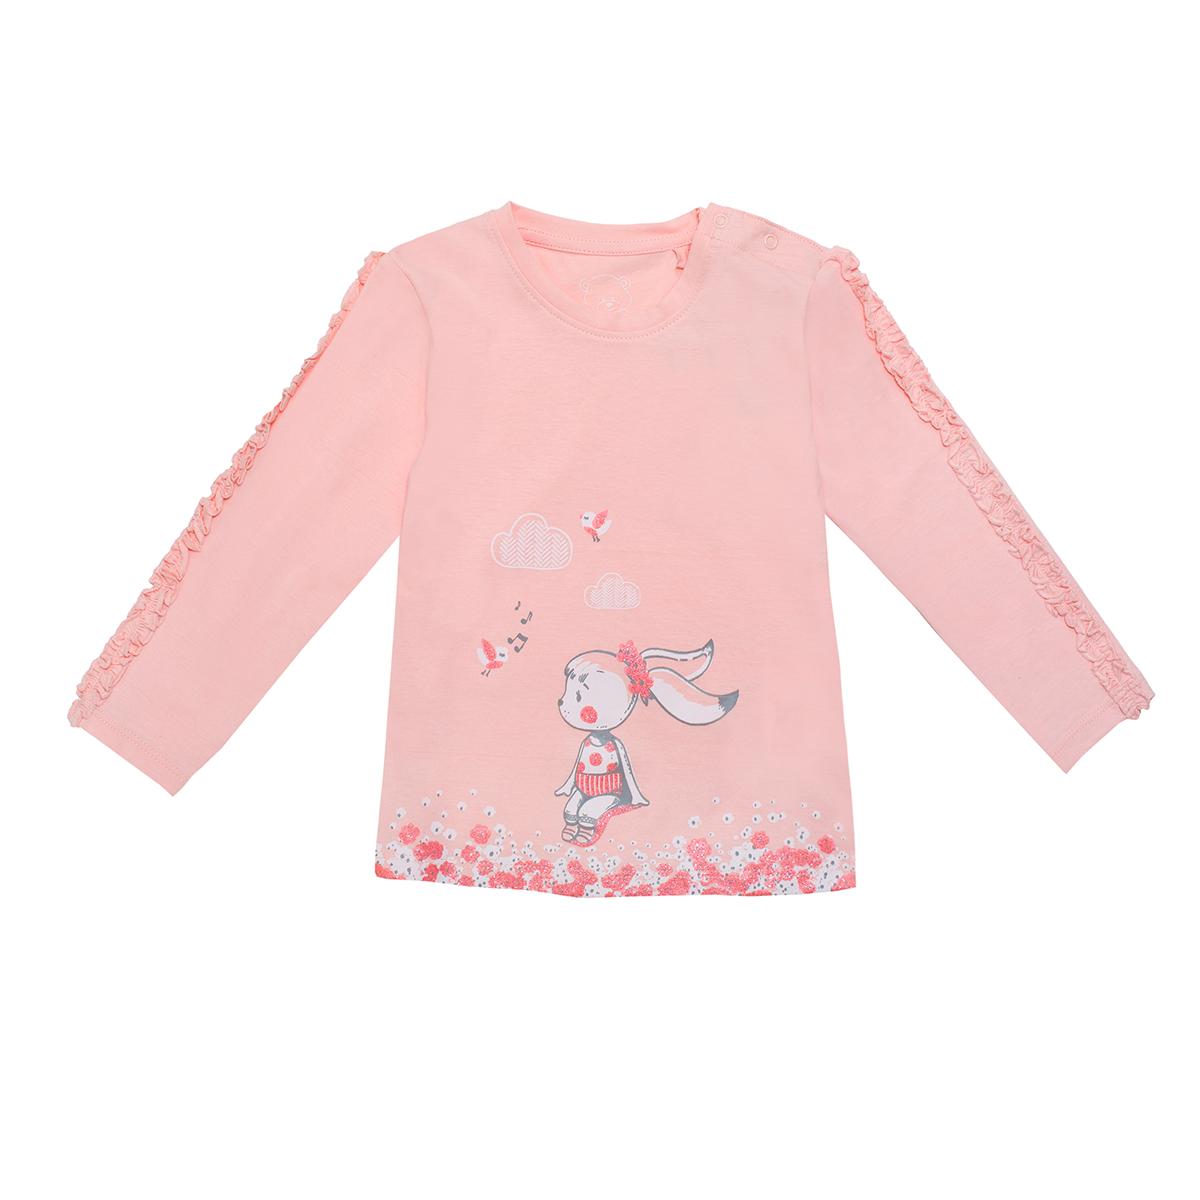 Baby majica, svetlo roza